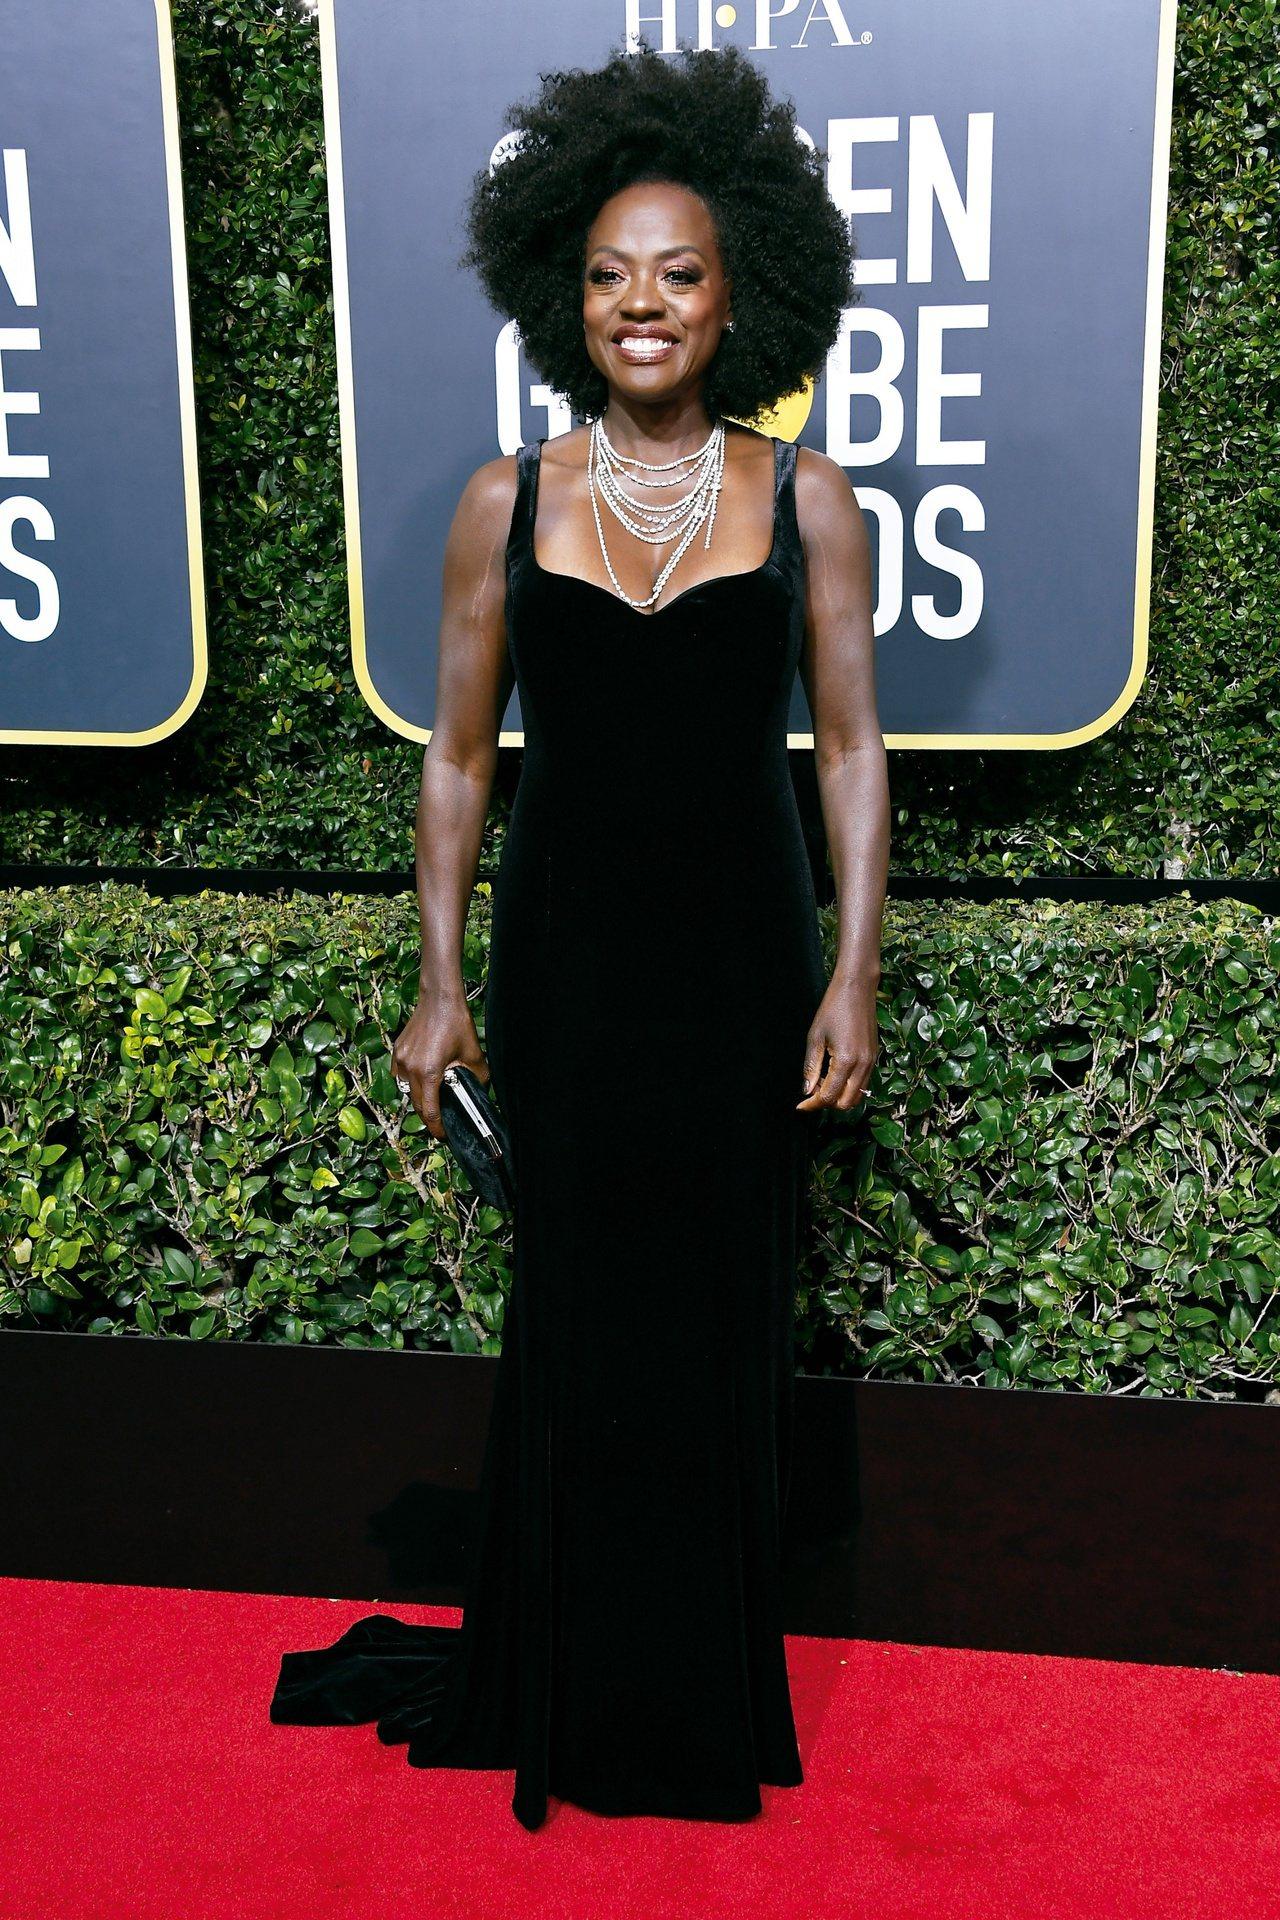 薇拉戴維絲整身配戴總重近120克拉的海瑞溫斯頓頂級珠寶華麗現身金球獎紅毯,光彩奪...